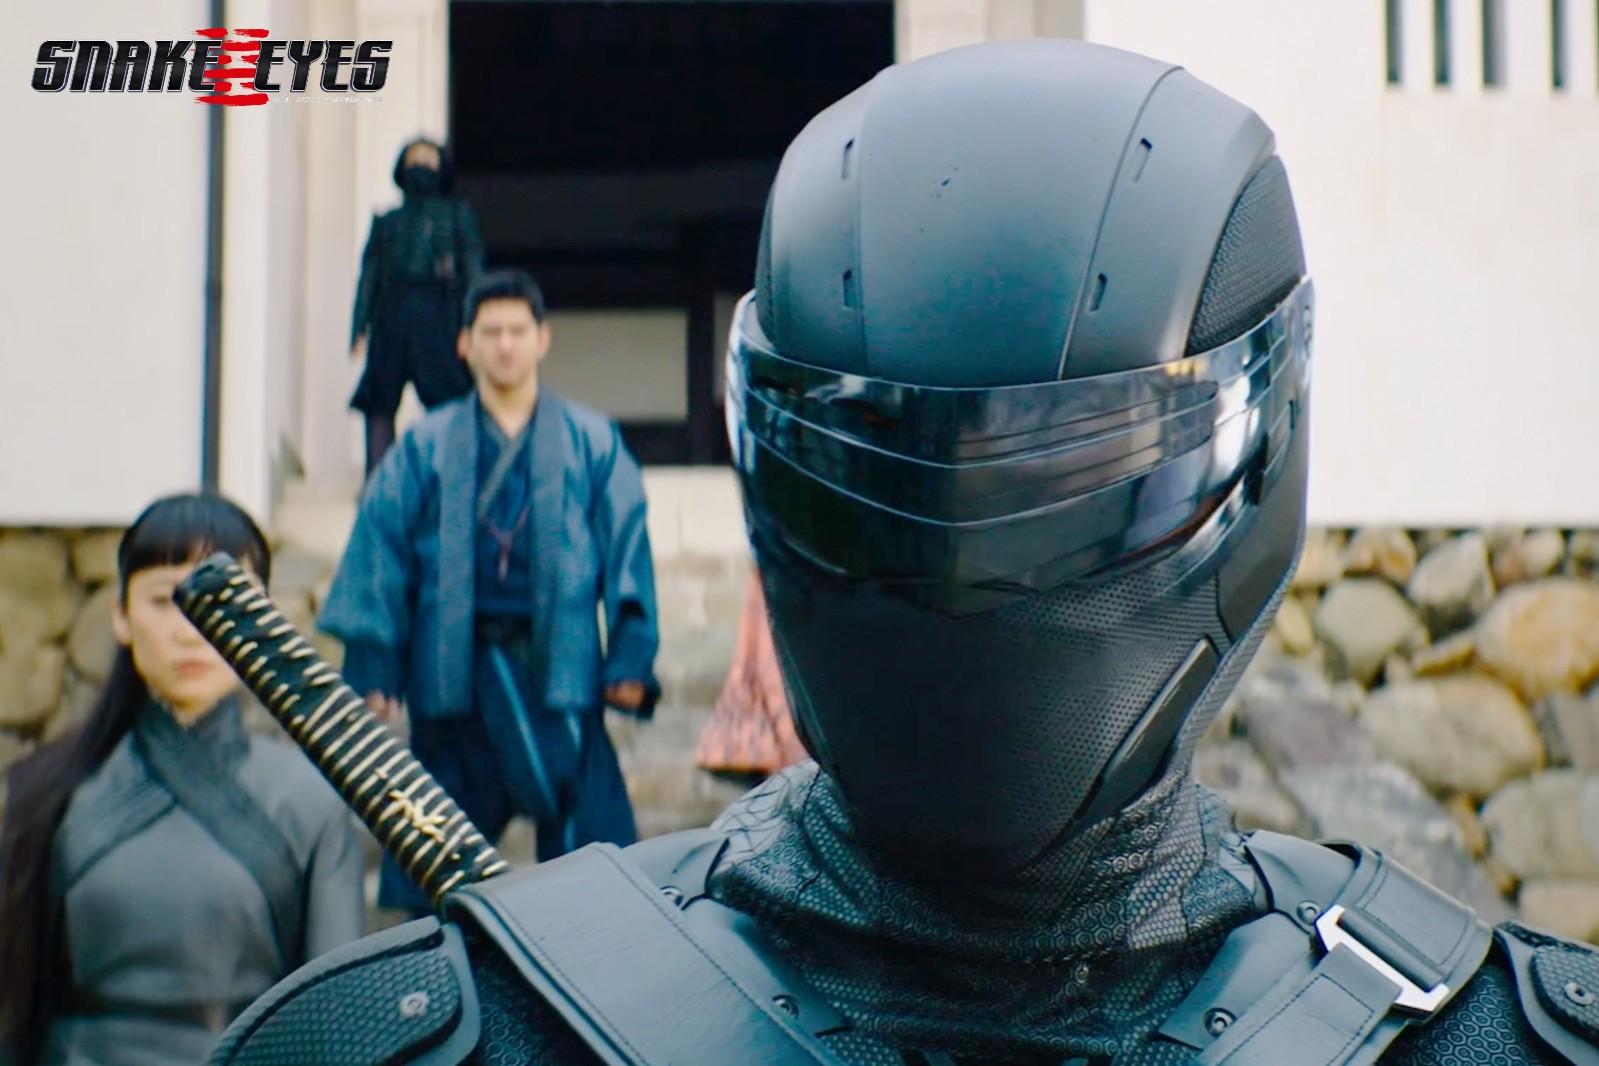 派拉蒙新片《特种部队:蛇眼起源》确认引进